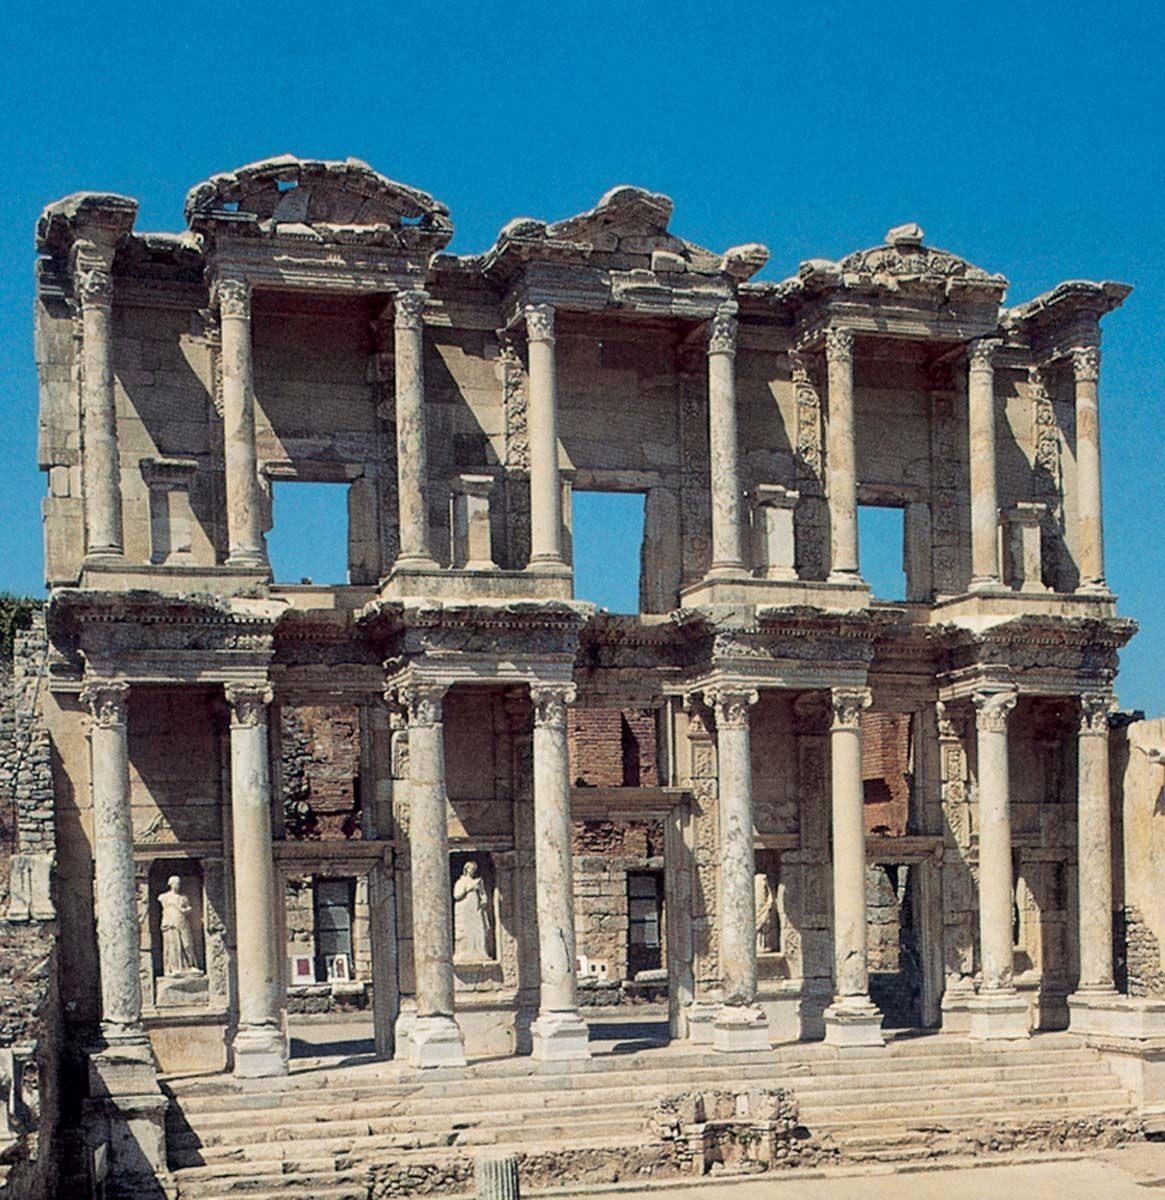 Η αναστηλωμένη πρόσοψη της βιβλιοθήκης του Κέλσου στην Έφεσο.